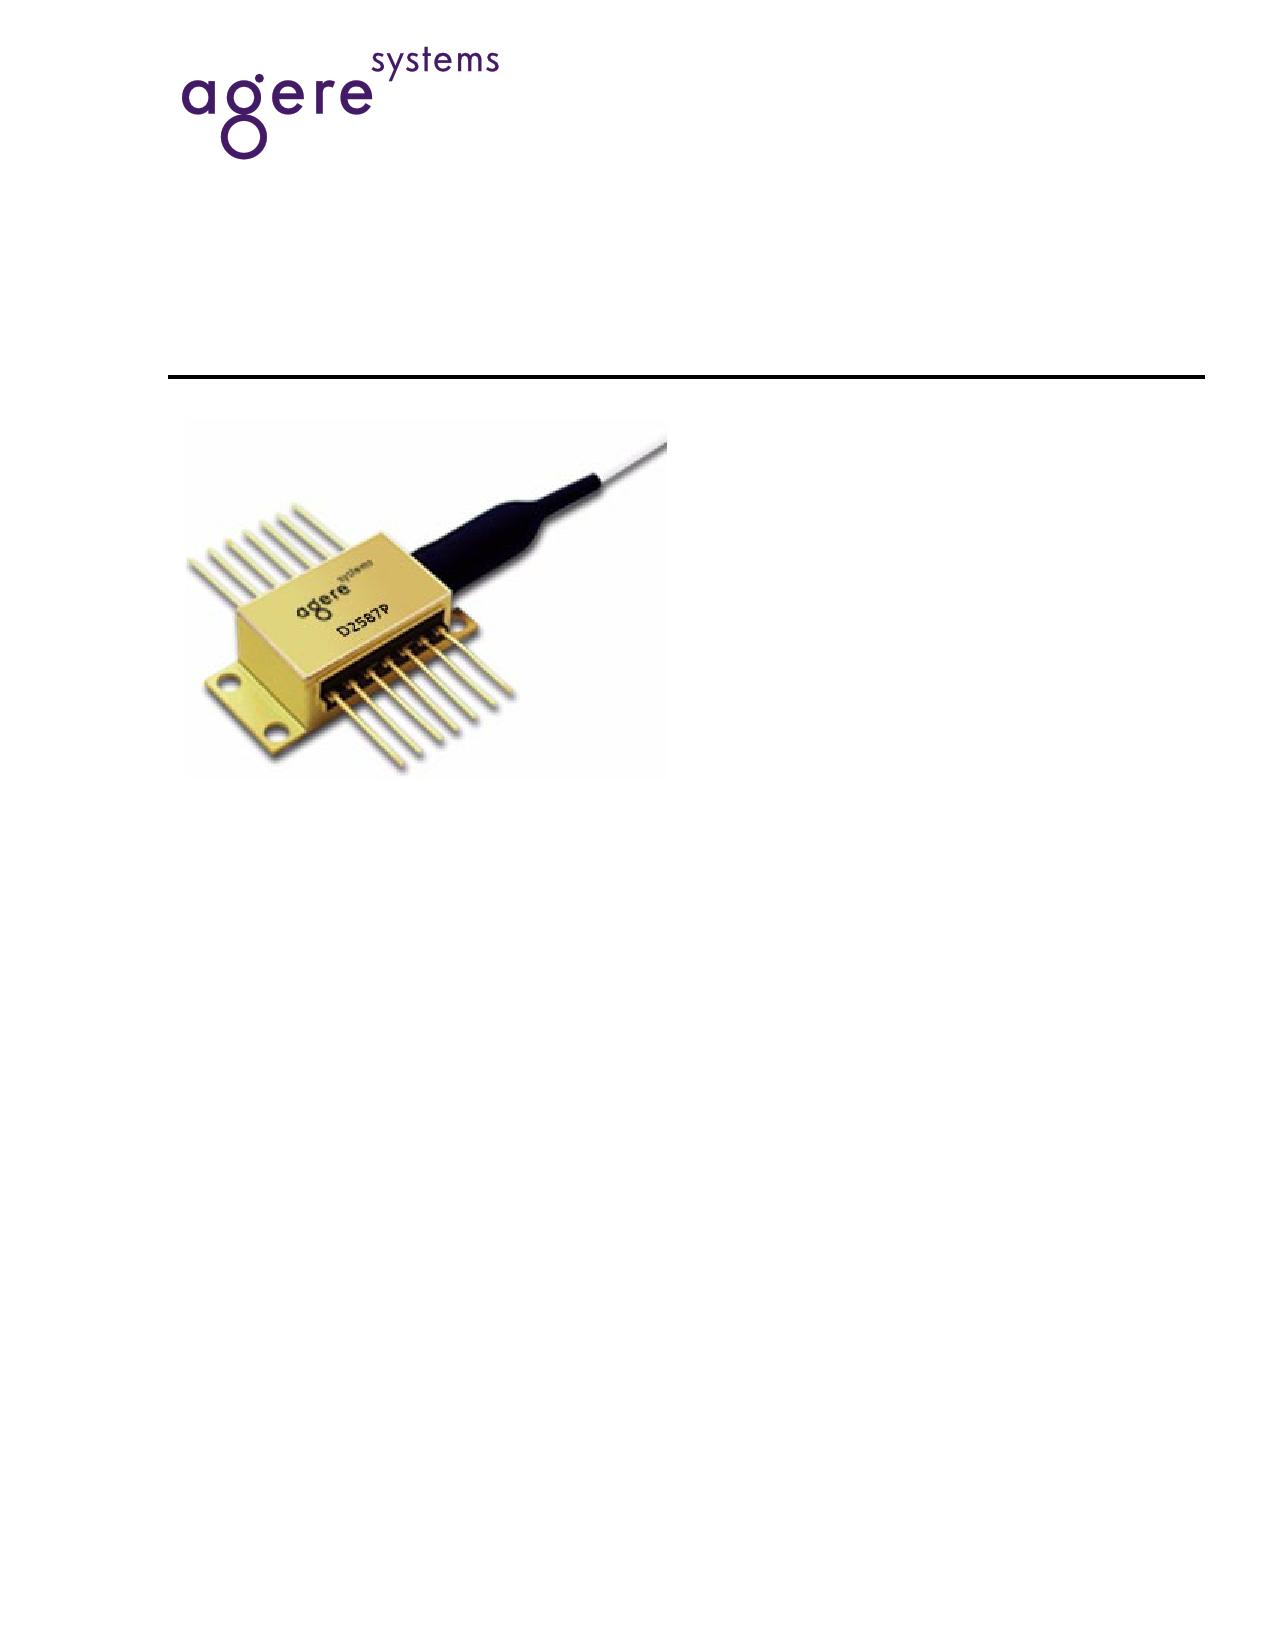 D2587P877 datasheet, circuit